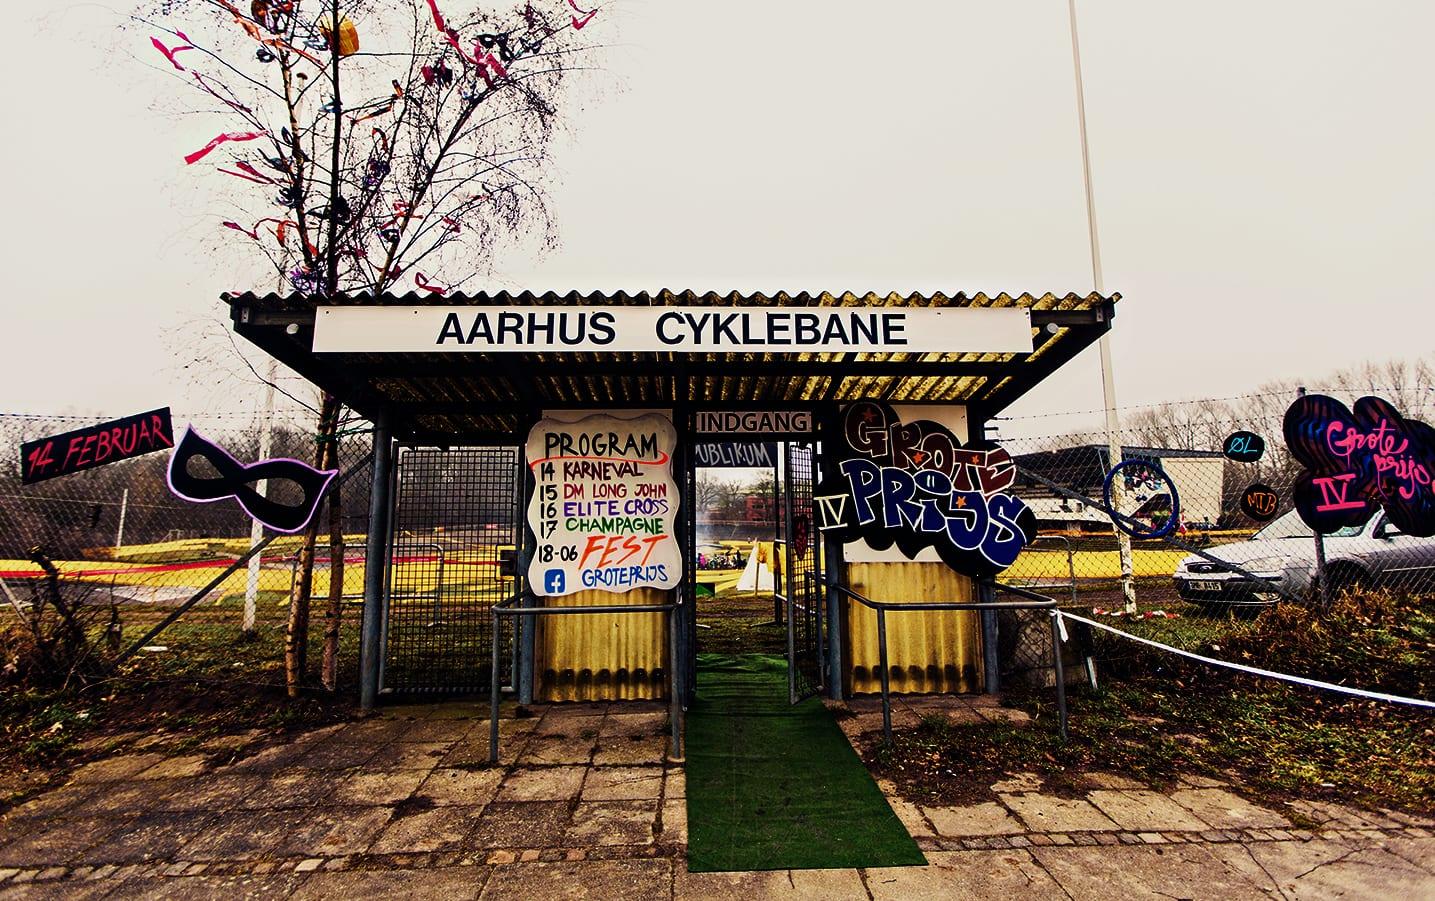 Grote Prijs på Aarhus Cyklebane 2015 © Photo: AltomCykling.dk